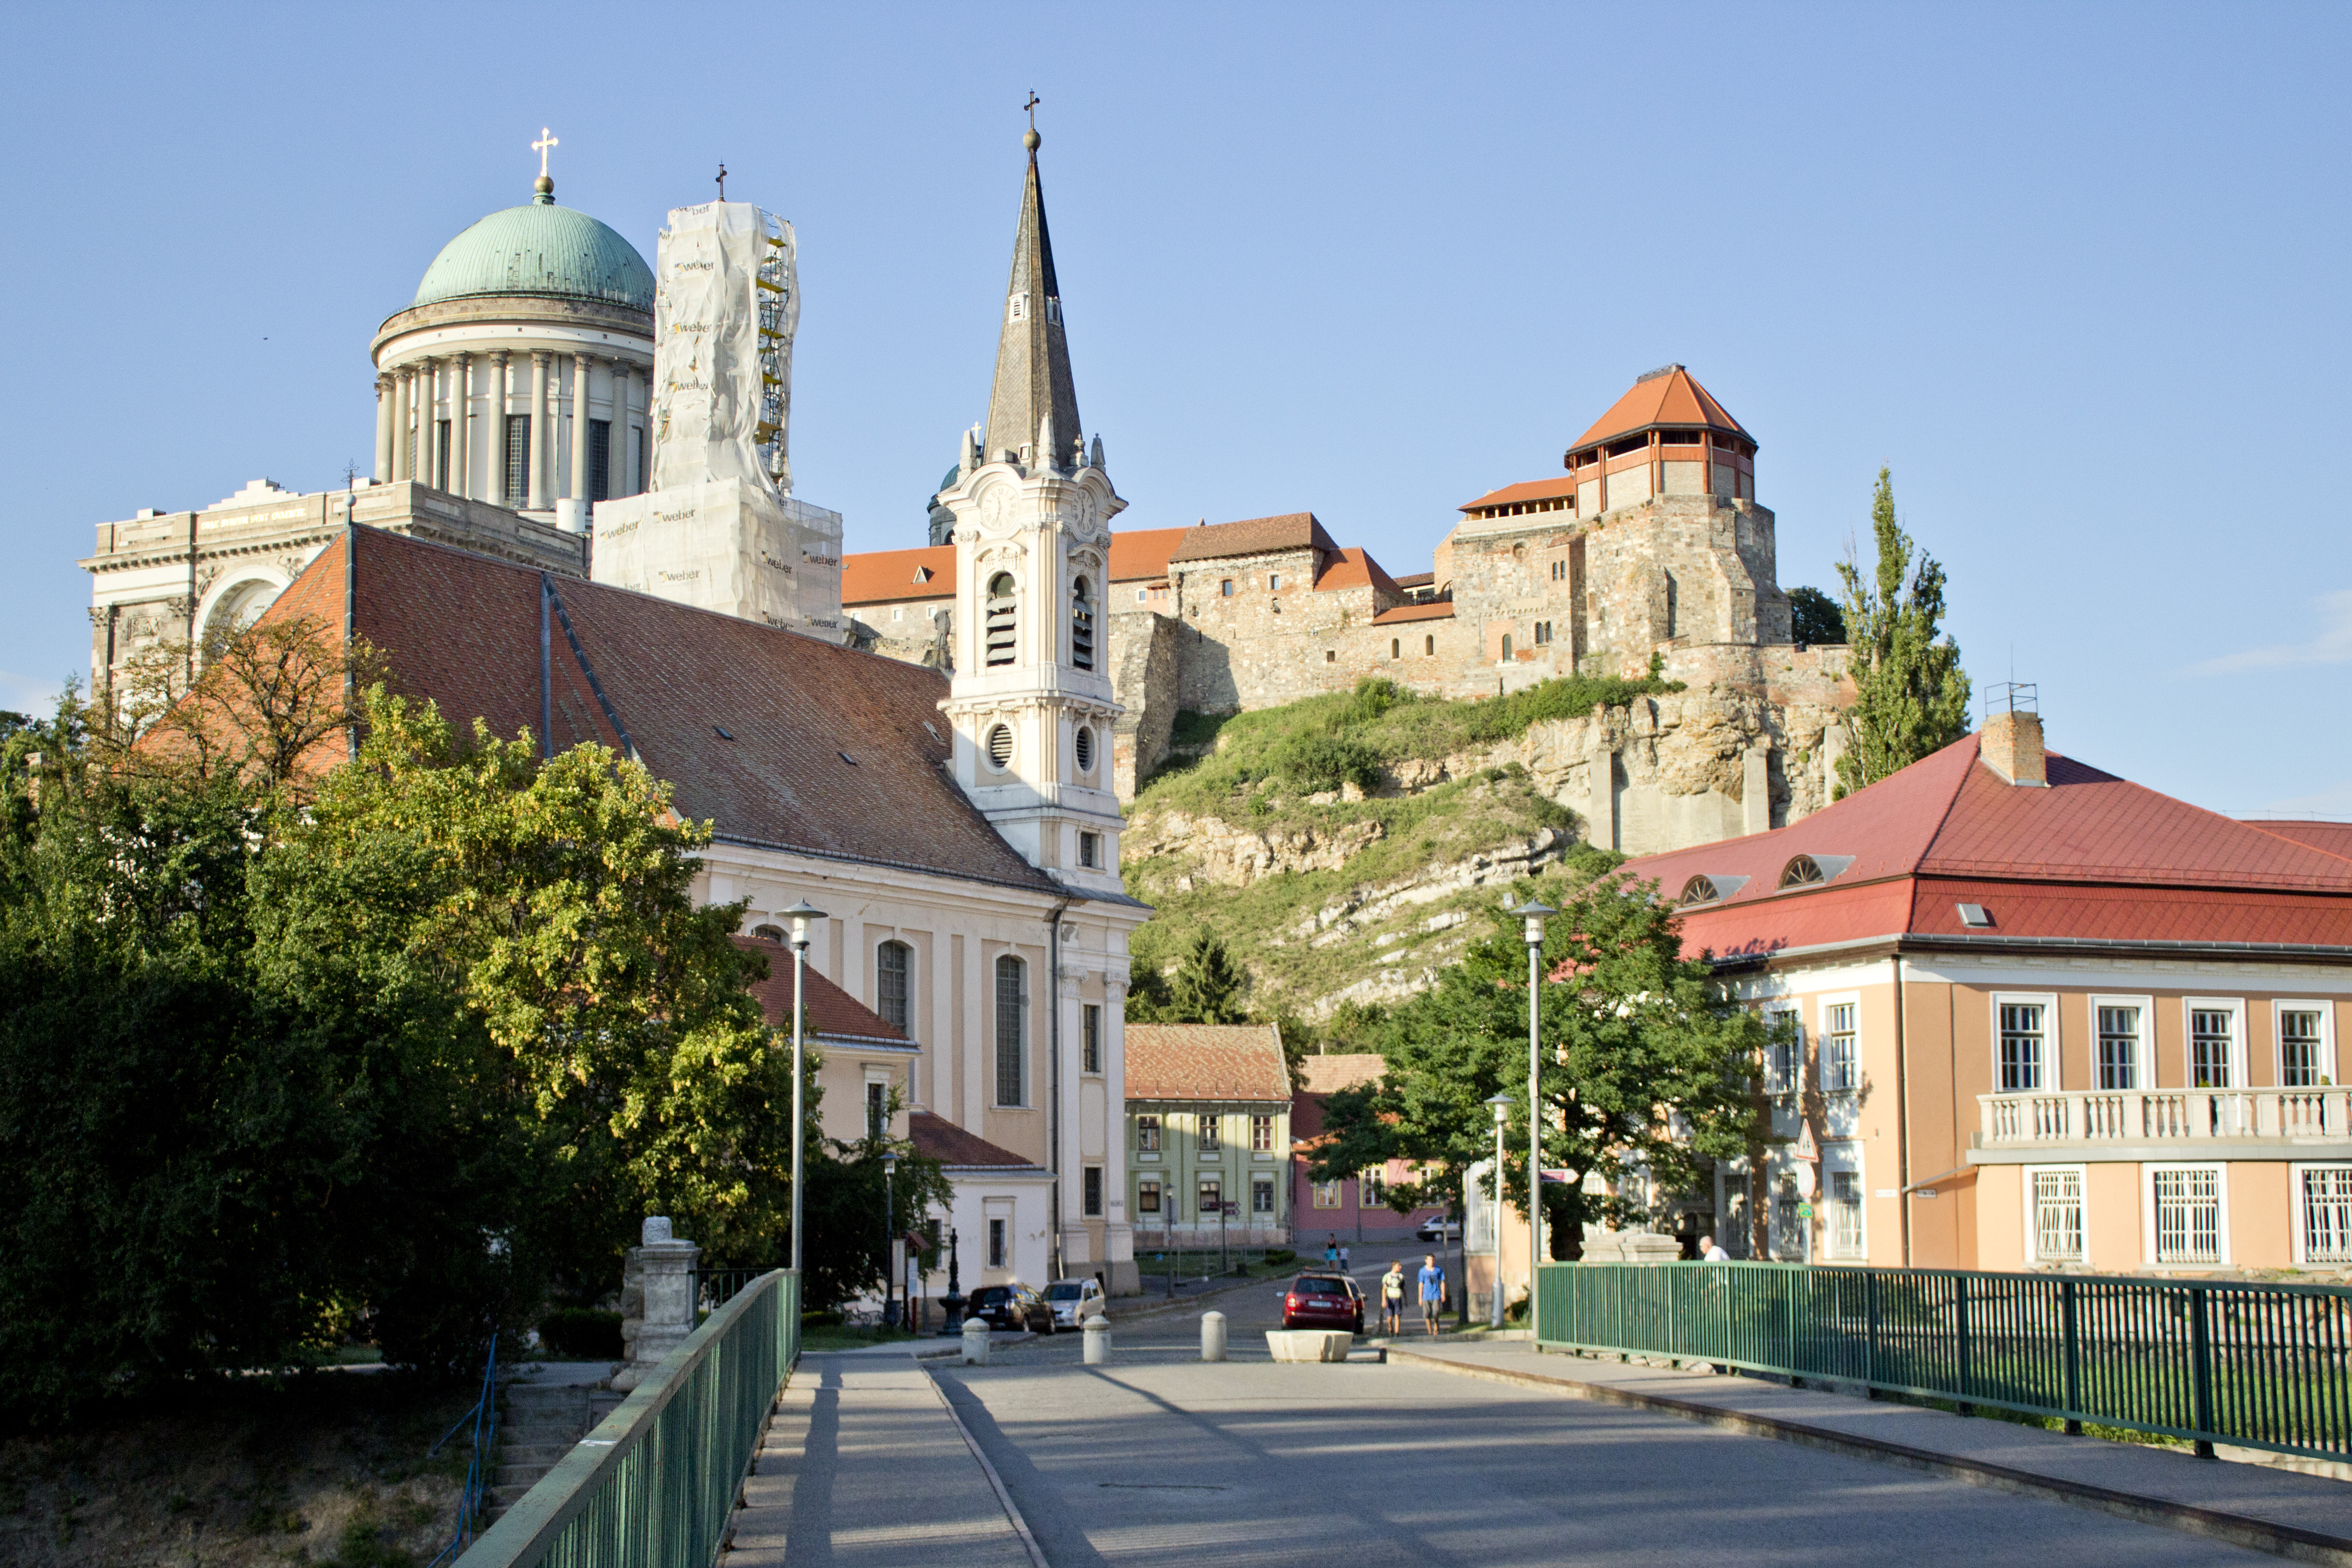 File:View of Esztergom.jpg - Wikimedia Commons